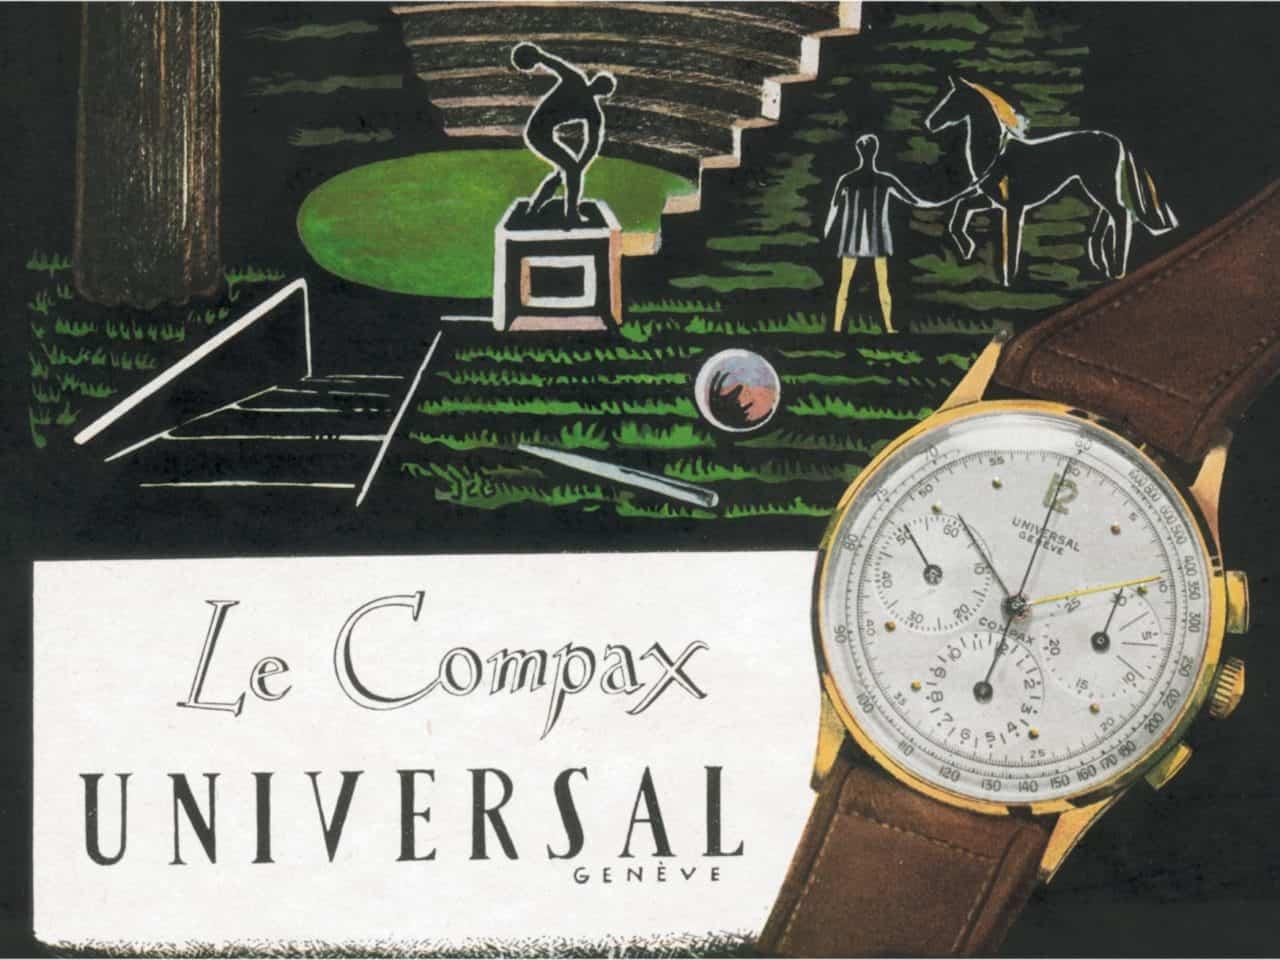 Universal Geneve Bi-Compax und Tri-Compax: Dafür stehen die Begriffe wirklich.